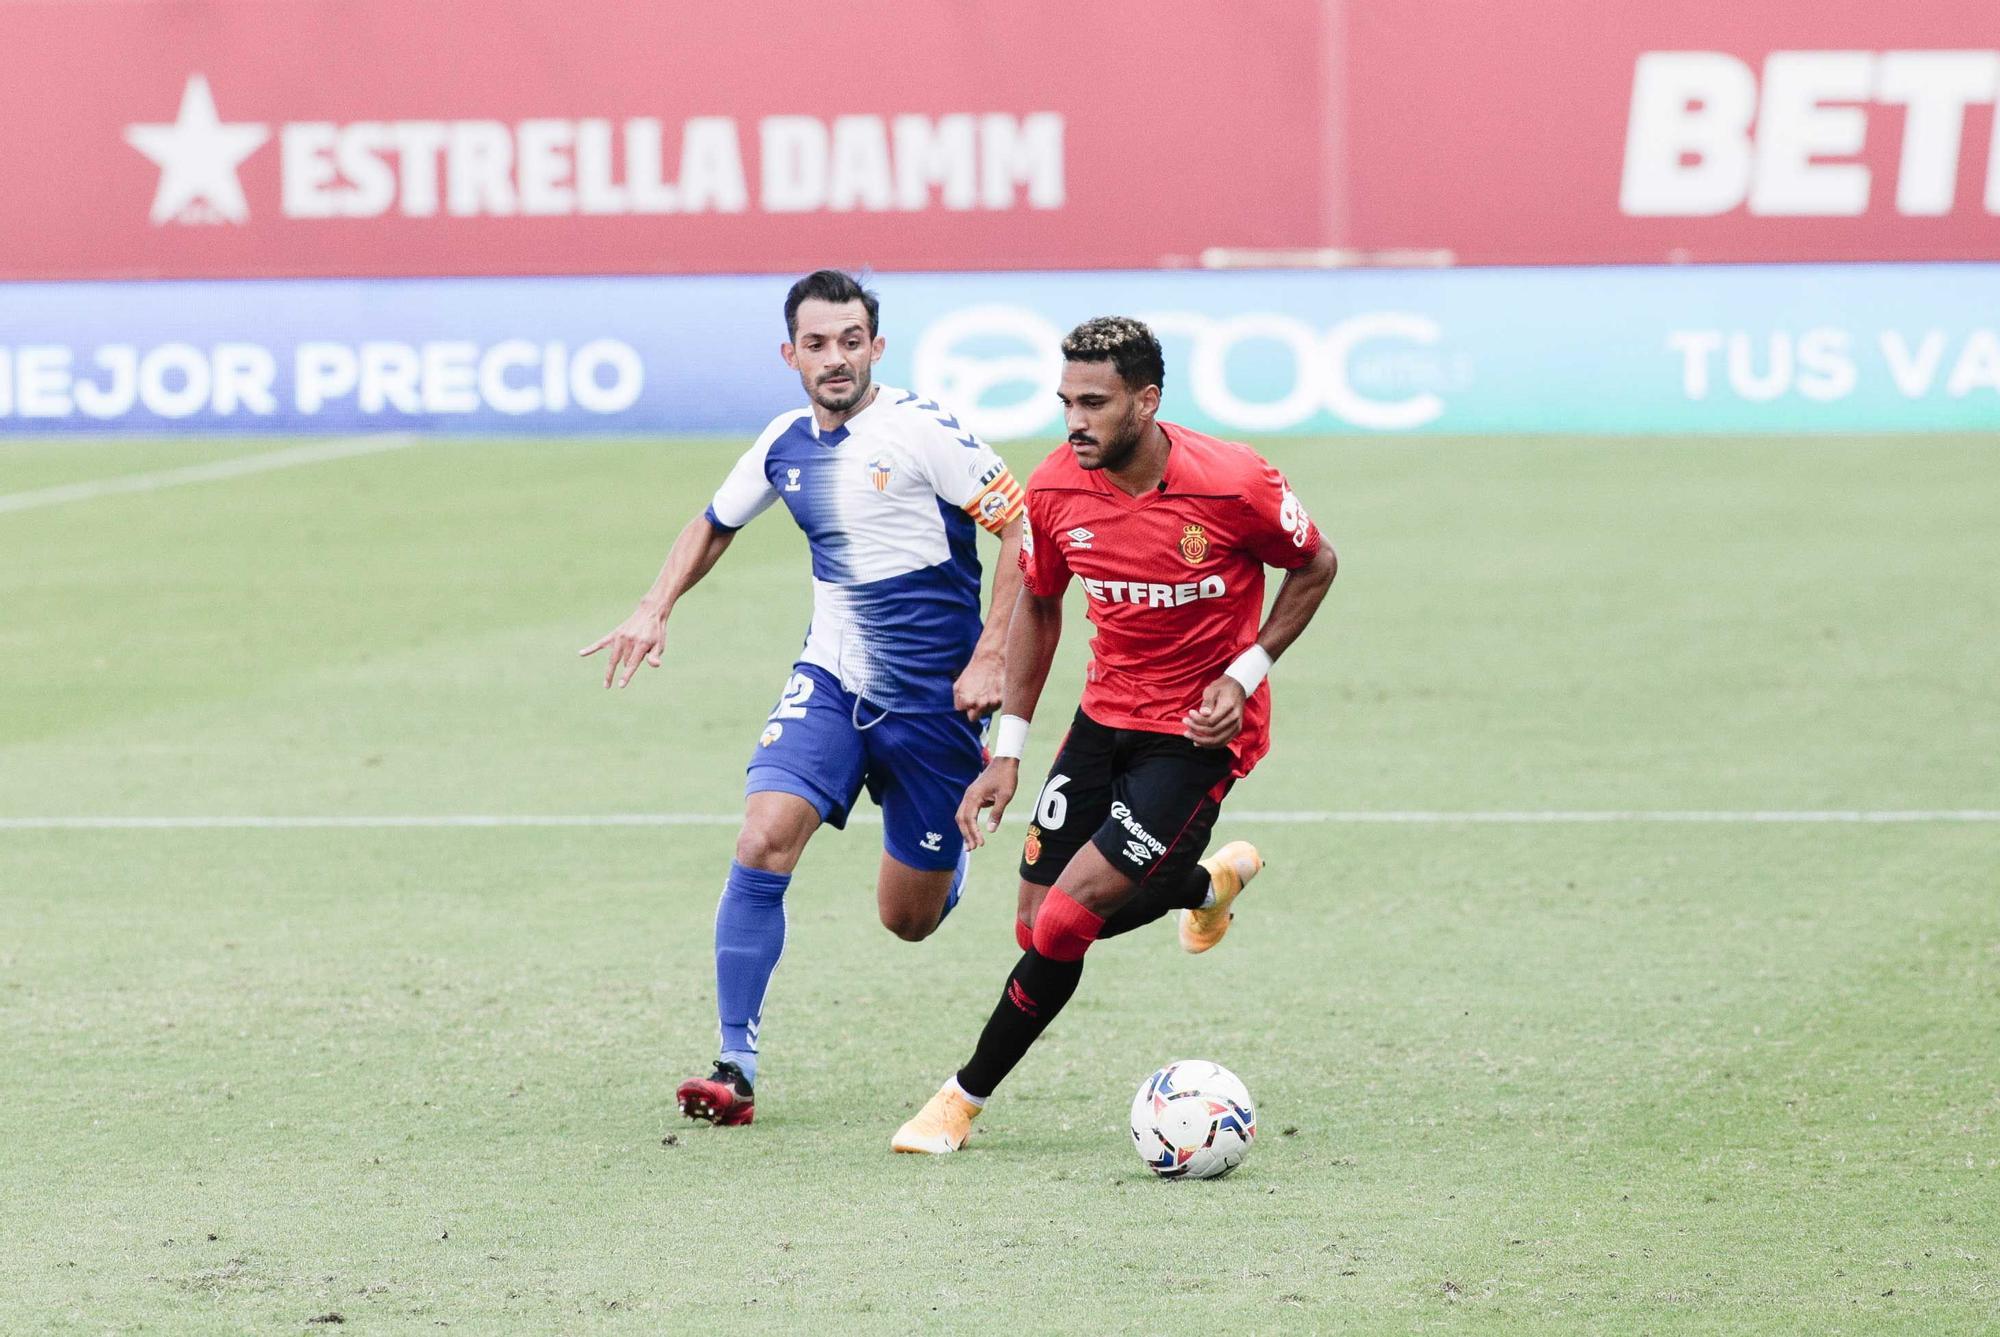 El Mallorca vence por la mínima al Sabadell con un gol de Dani Rodríguez